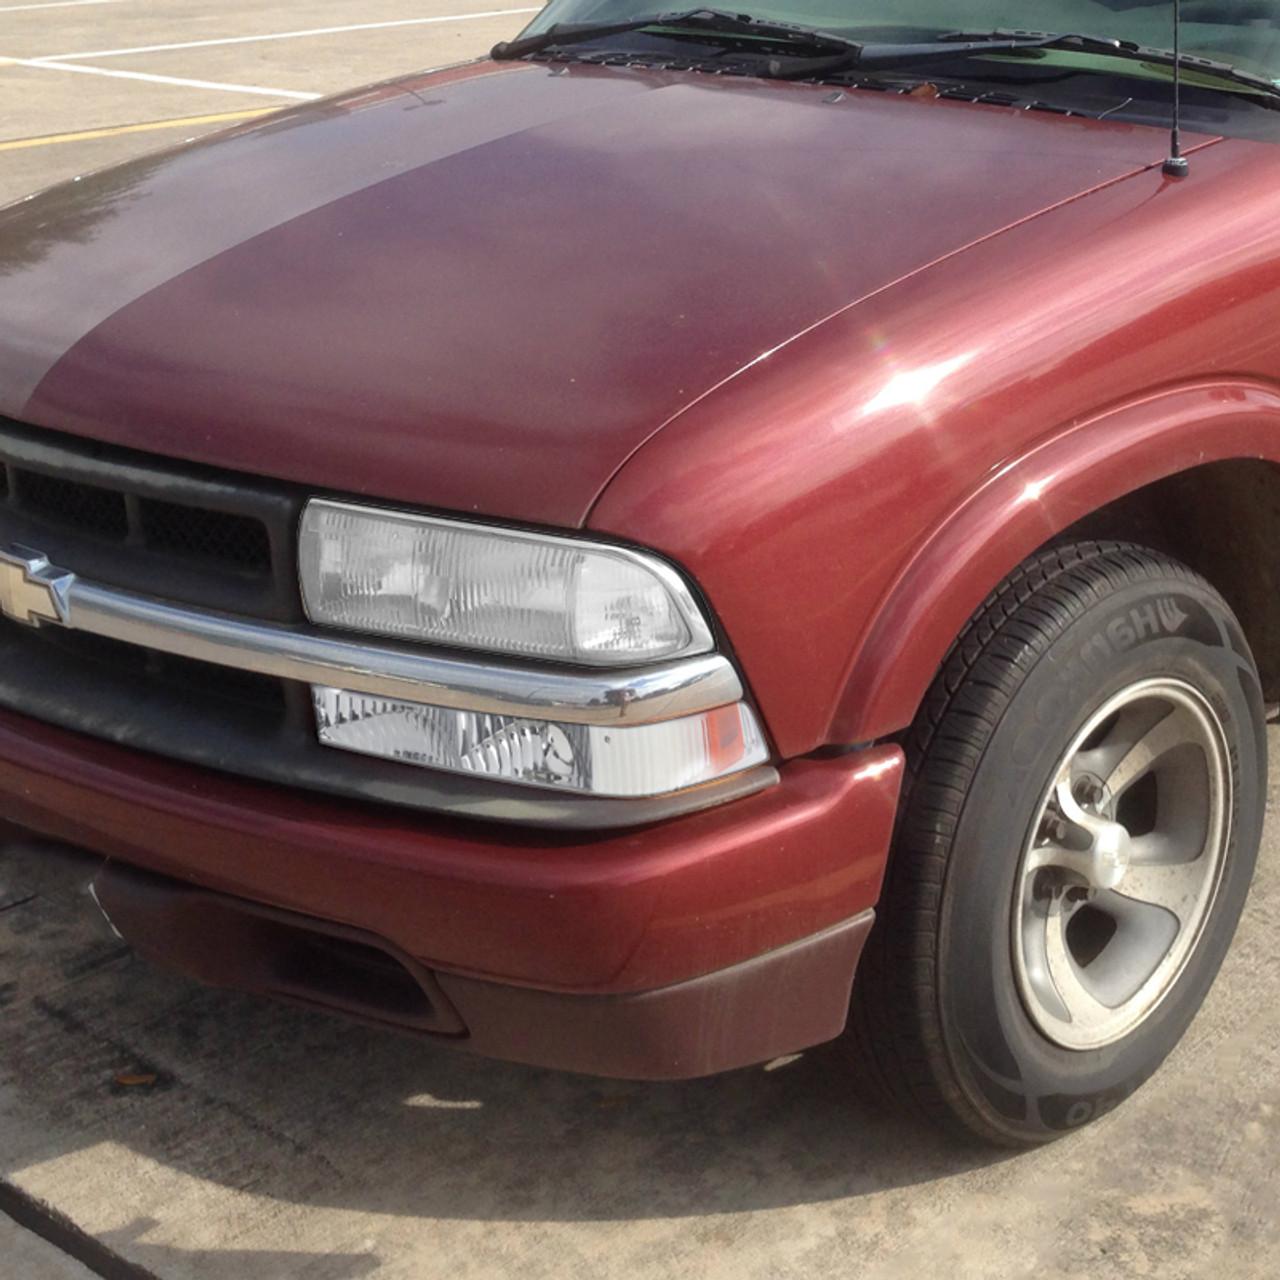 1998 2004 Chevrolet S10 Gmc Sonoma Bumper Lights Chrome Housing Clear Lens K2 Motor